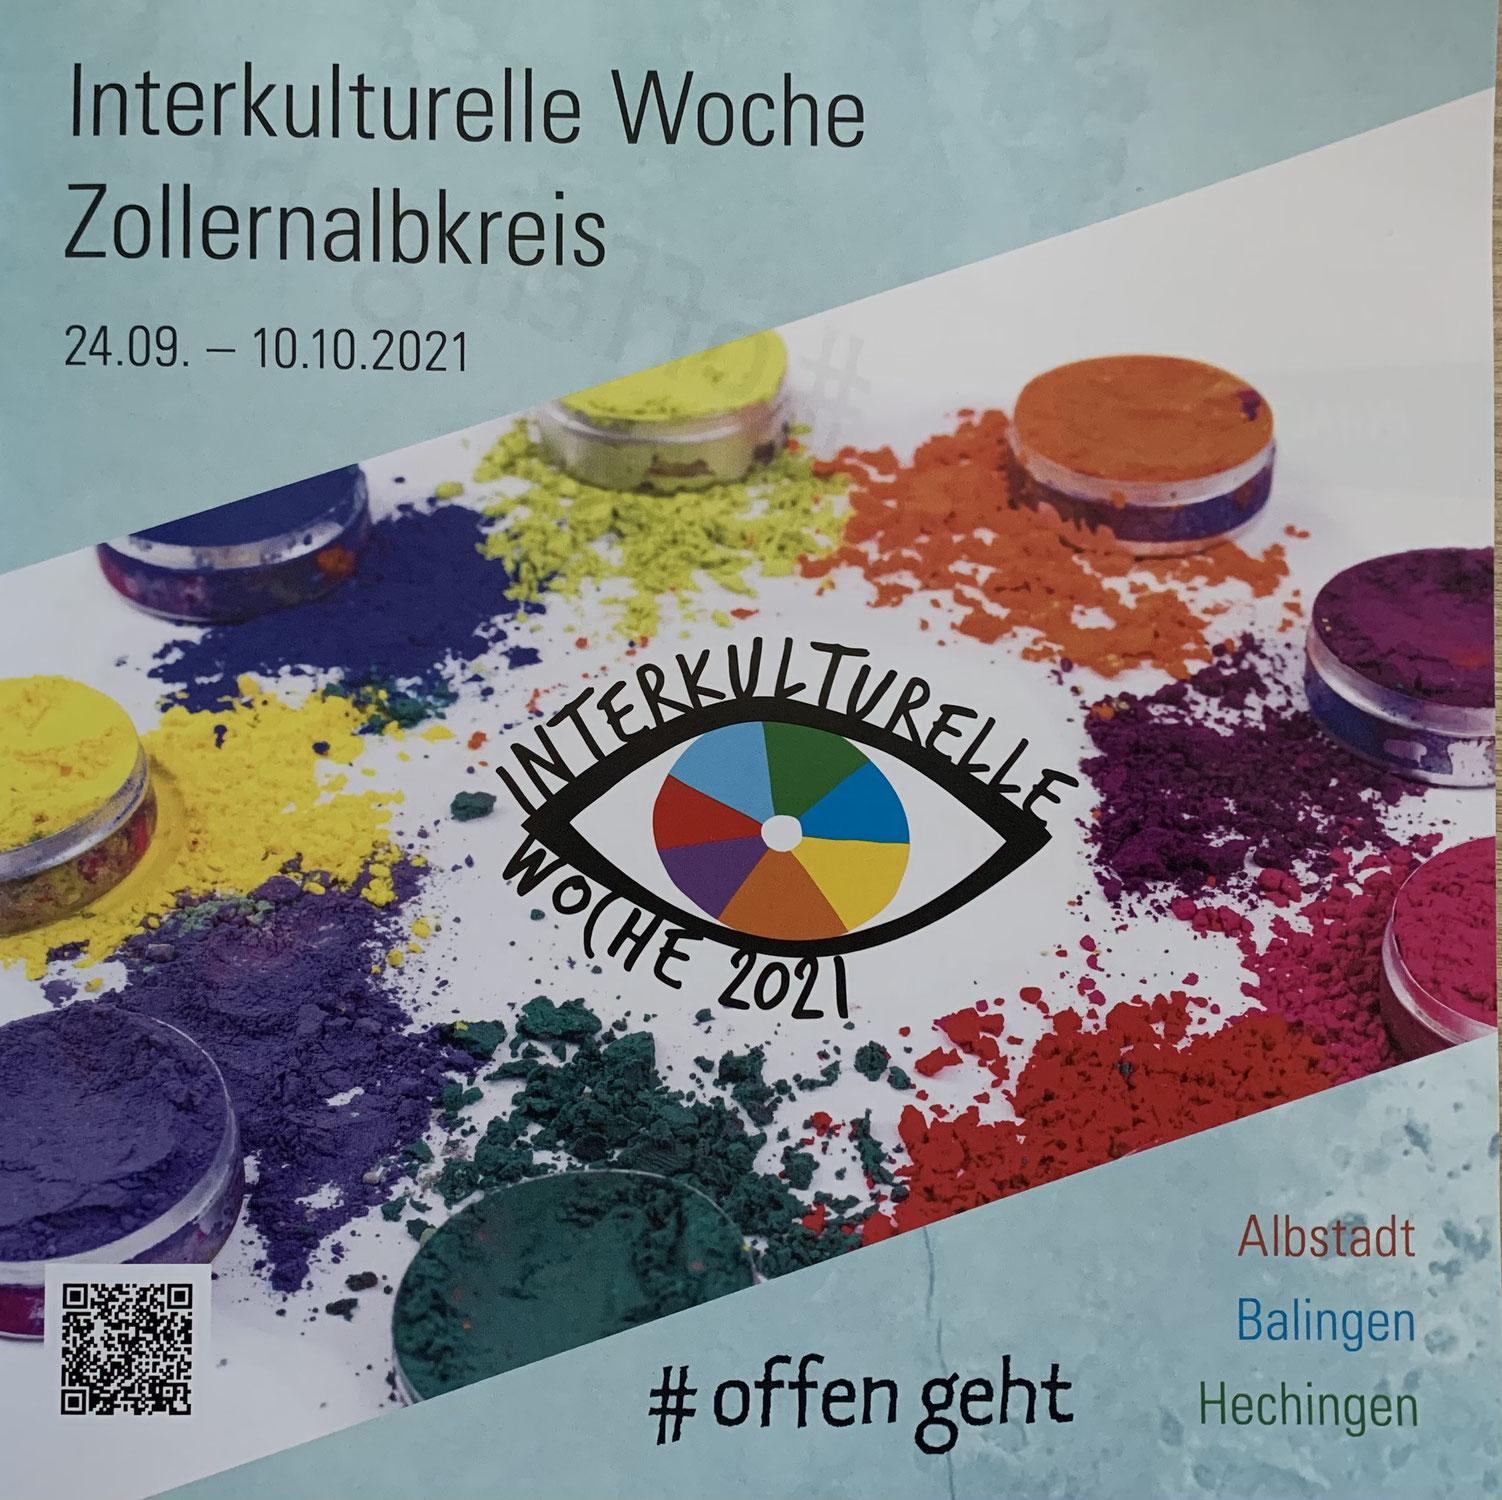 Interkulturelle Wochen vom 24. September bis 10. Oktober 2021